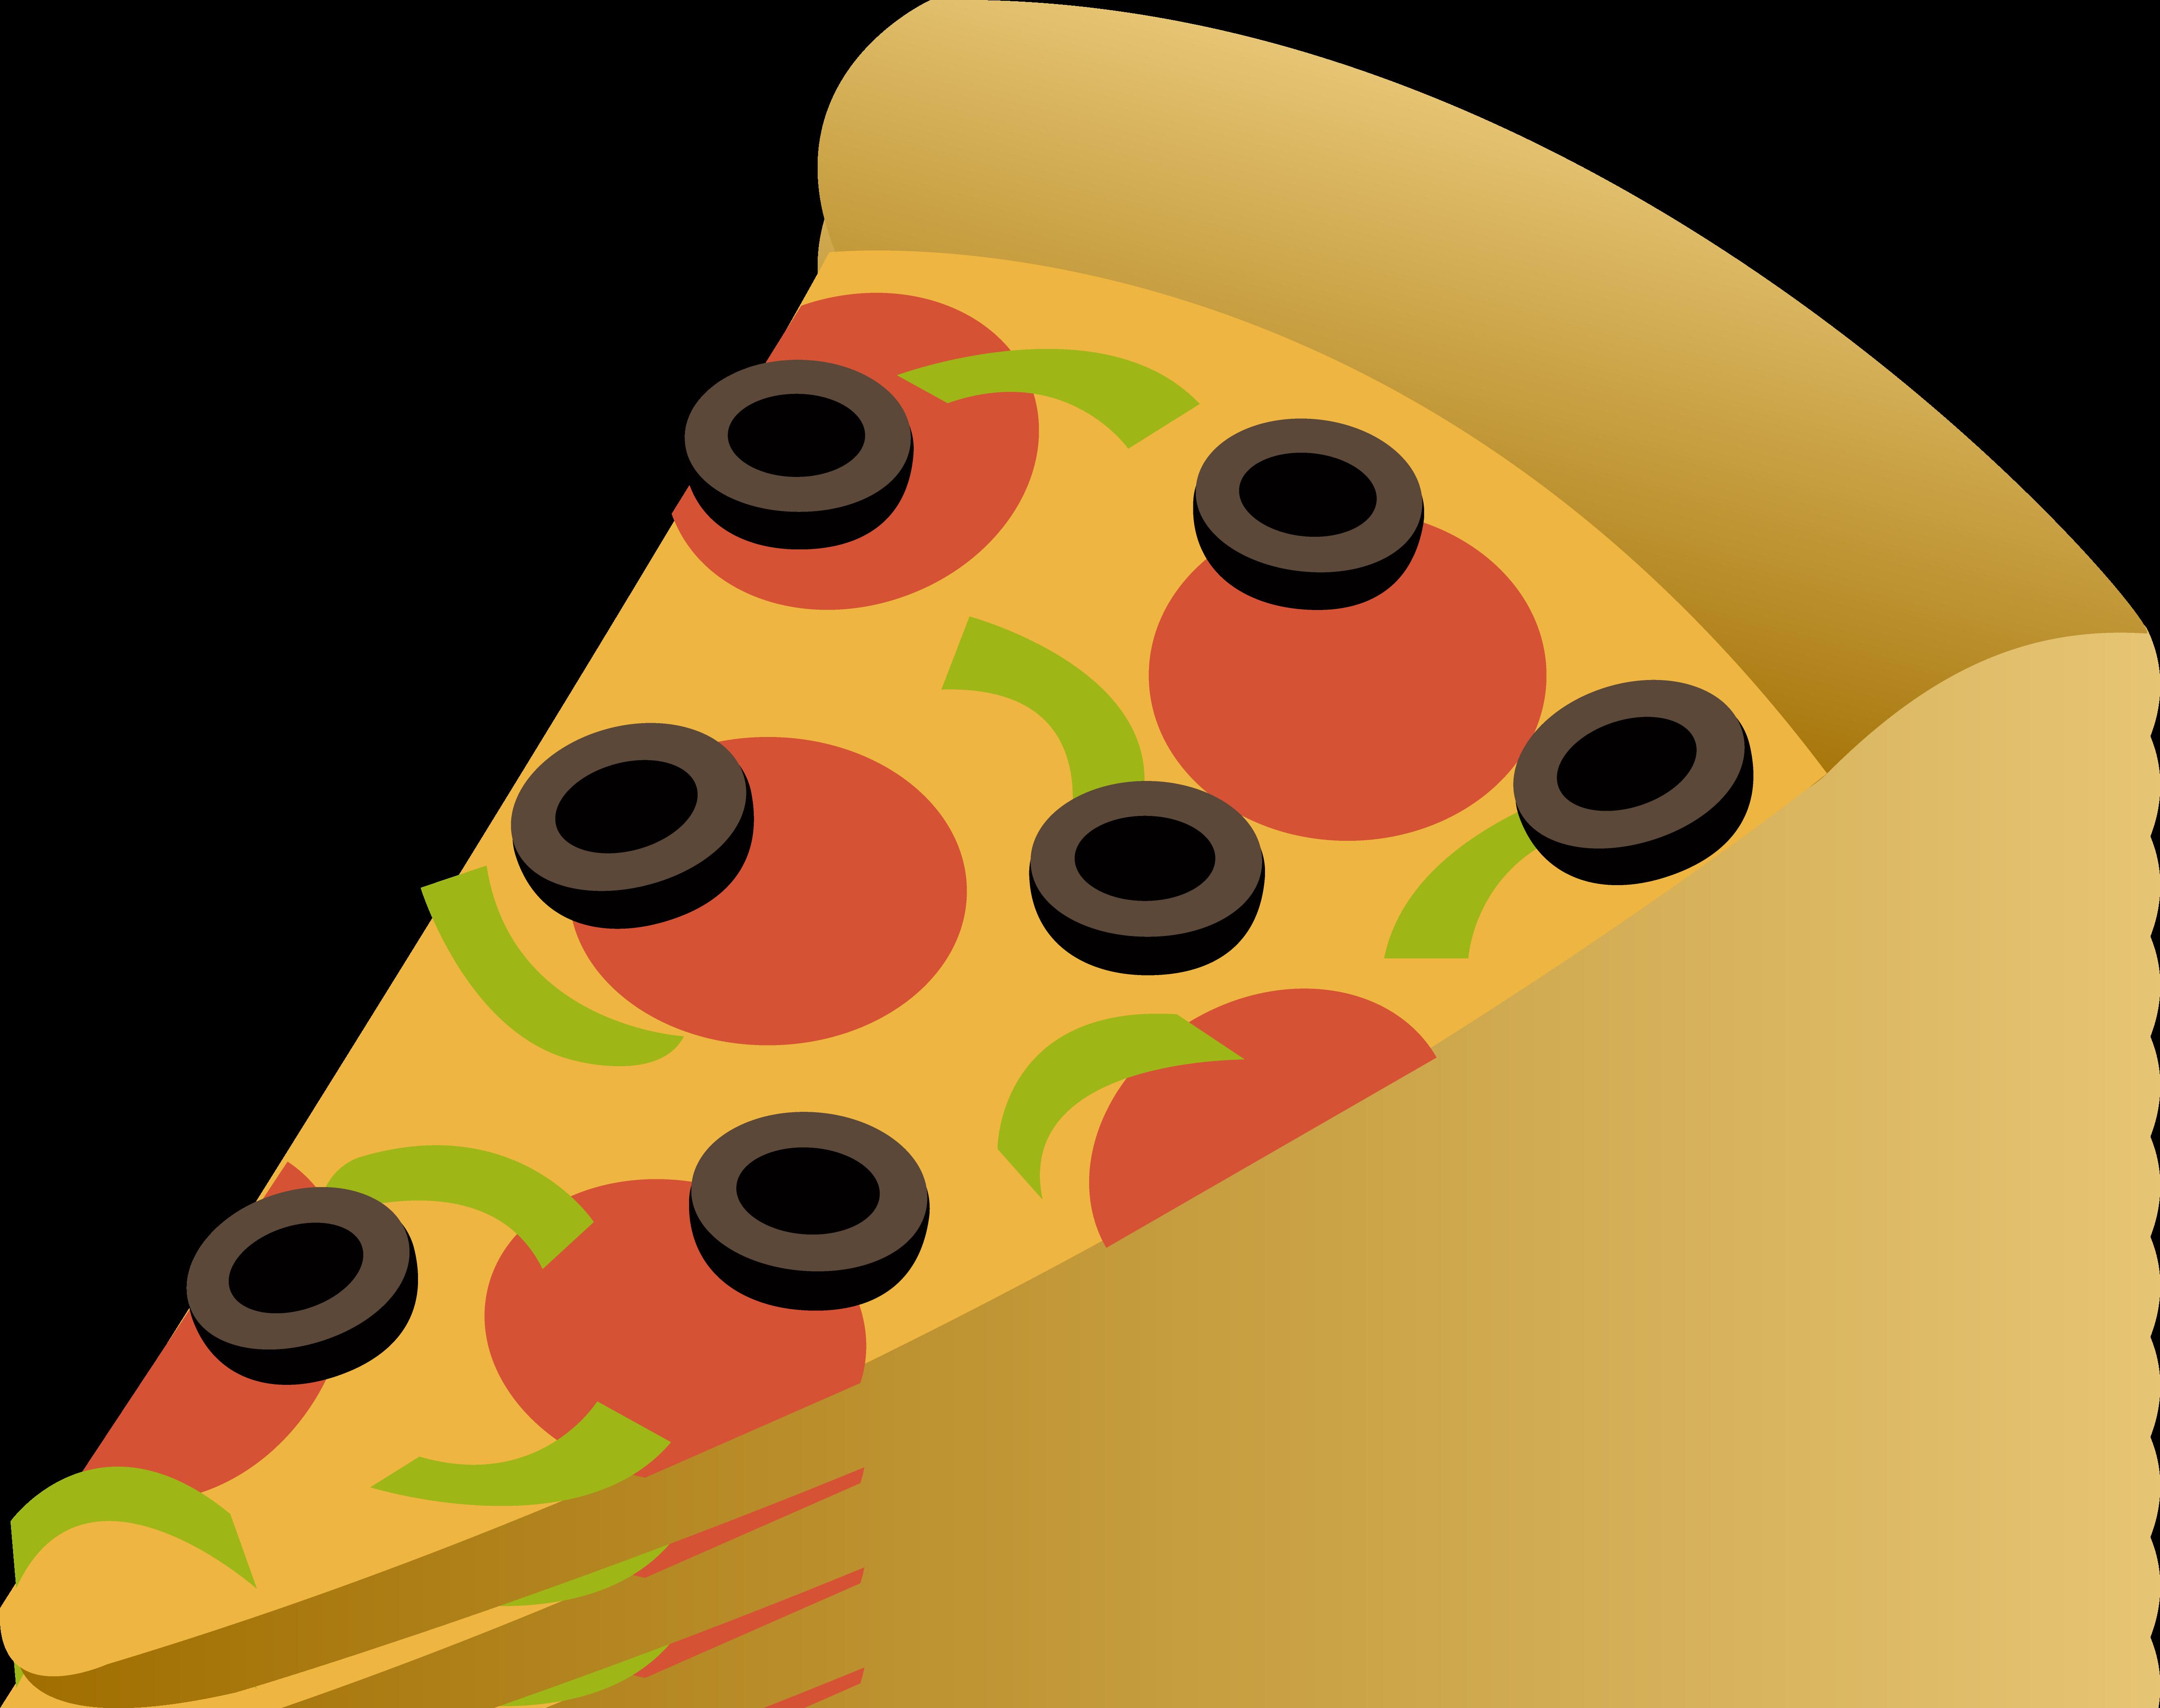 5307x4197 Cheese Pizza Clip Art Clipart Panda